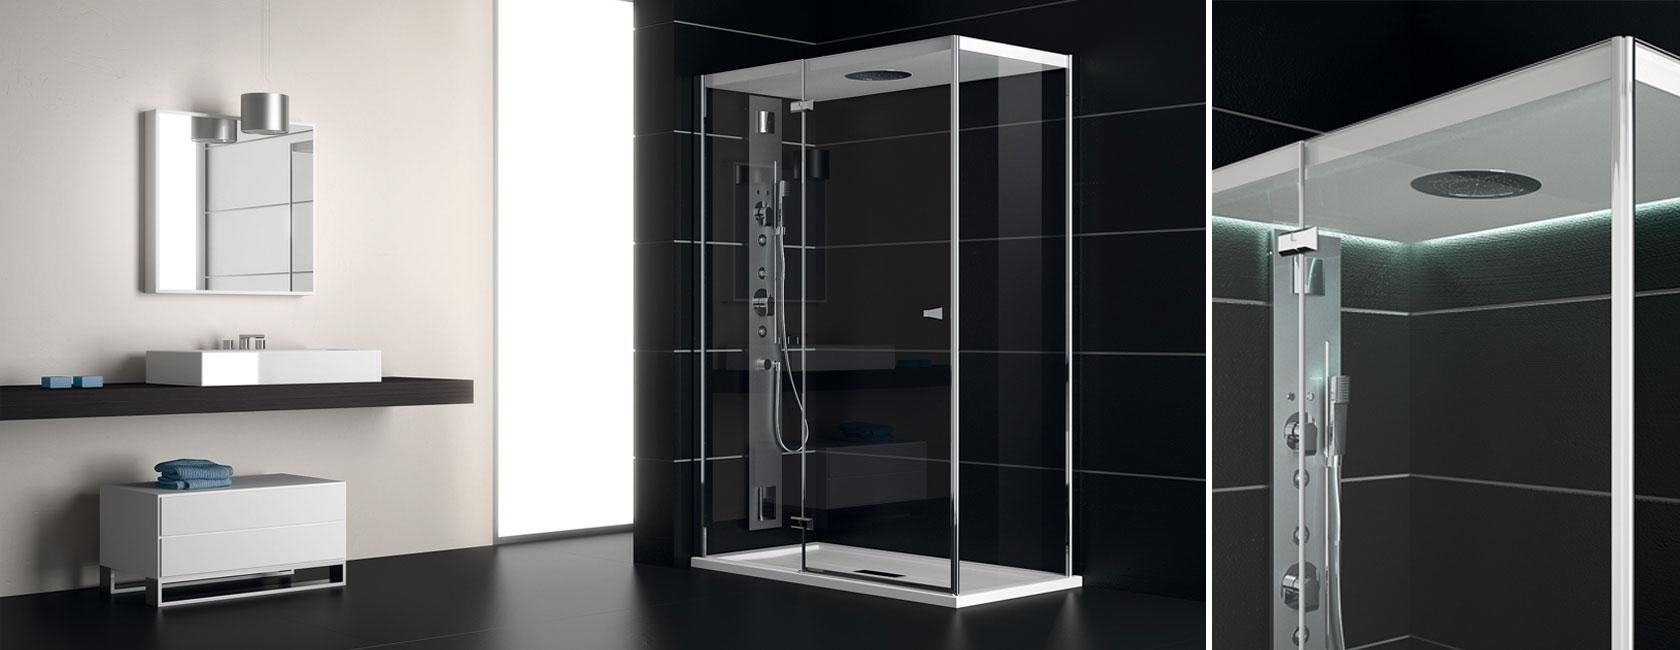 Teuco box e cabine doccia box e cabine doccie - Cabina doccia teuco prezzi ...